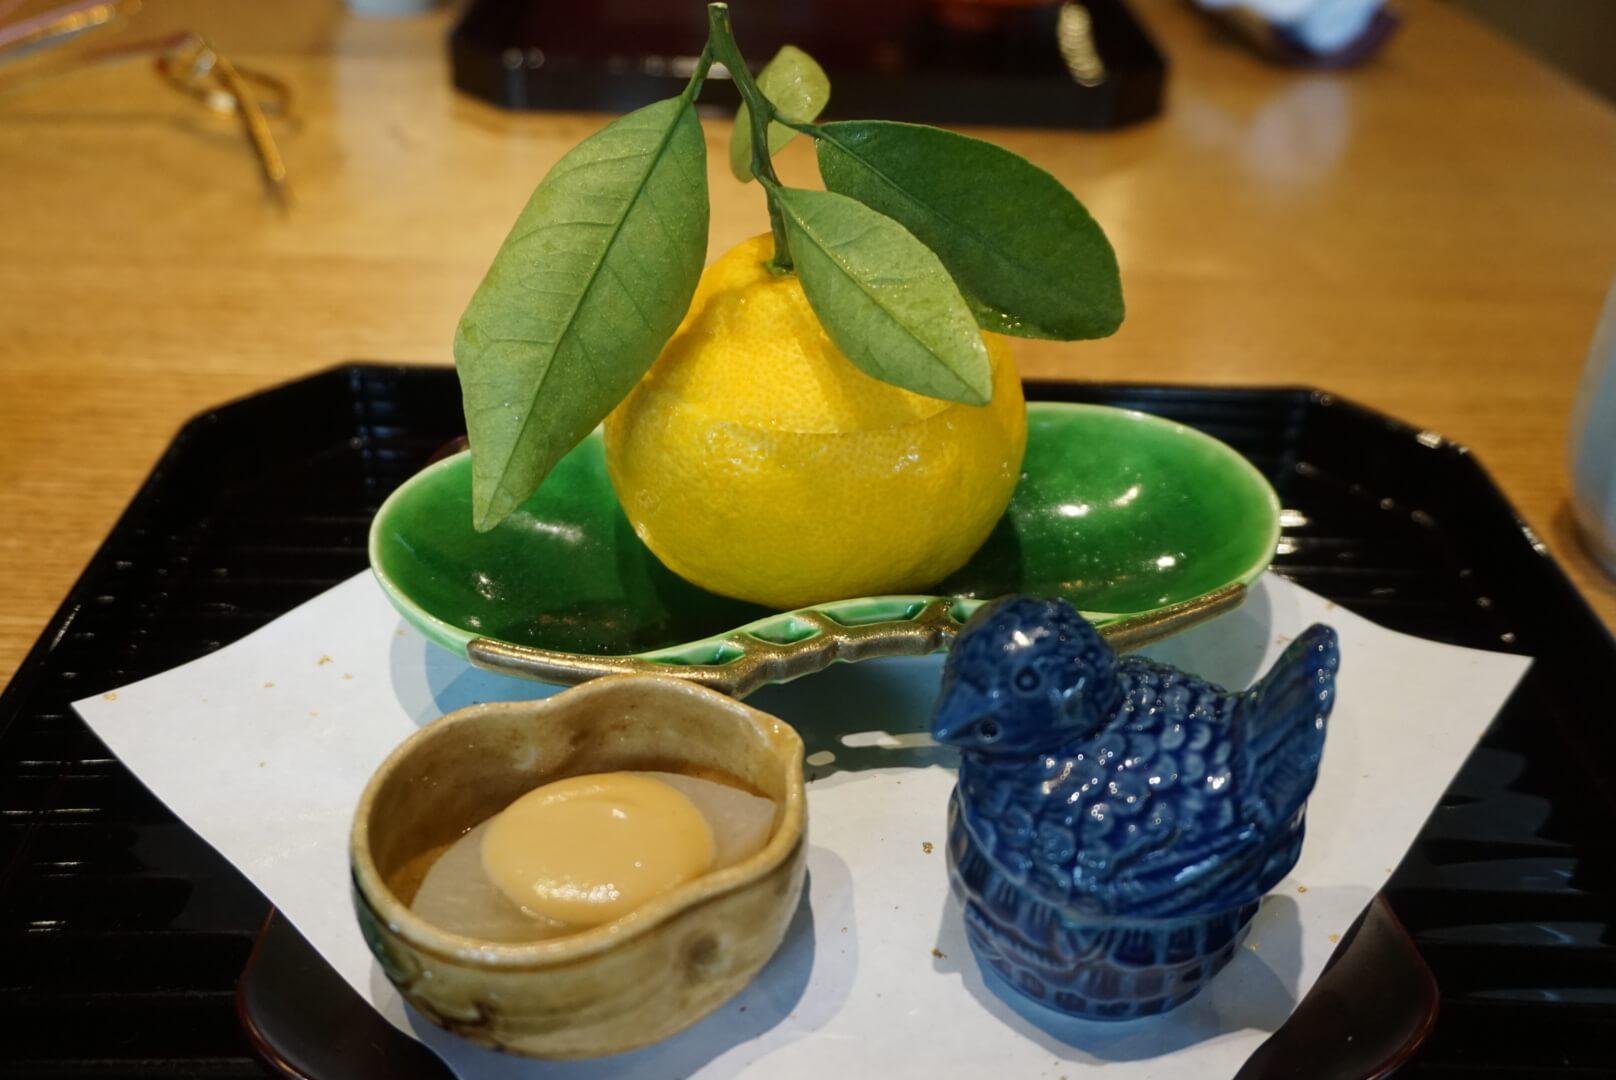 『 かなざわ玉泉邸 』で玉泉園を眺めながら金沢らしい料理に舌鼓